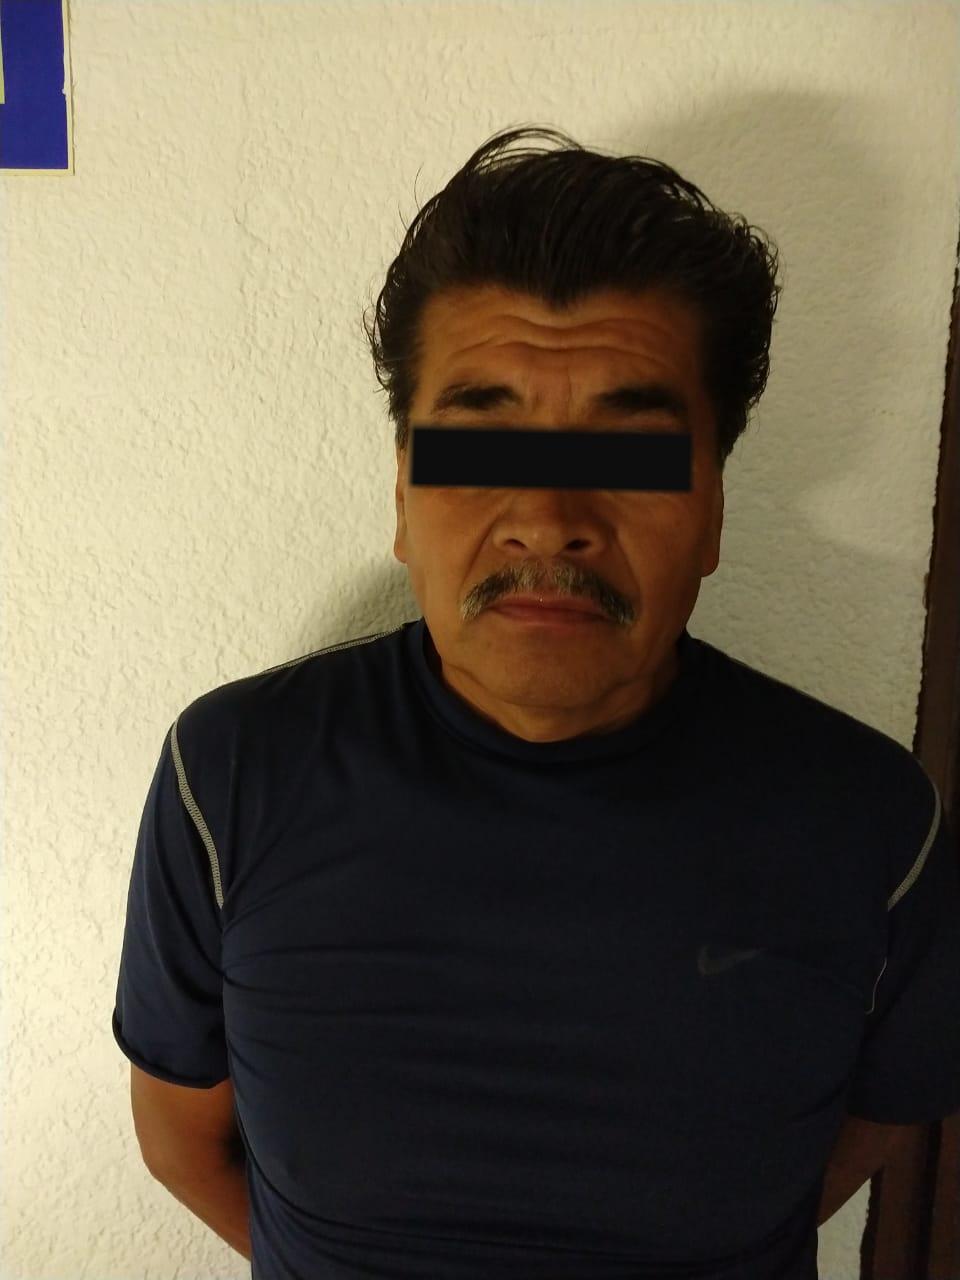 Elementos de la UTAP de la SSC detienen a un Hombre acusado de intento de sustracción de menores en Iztapalapa